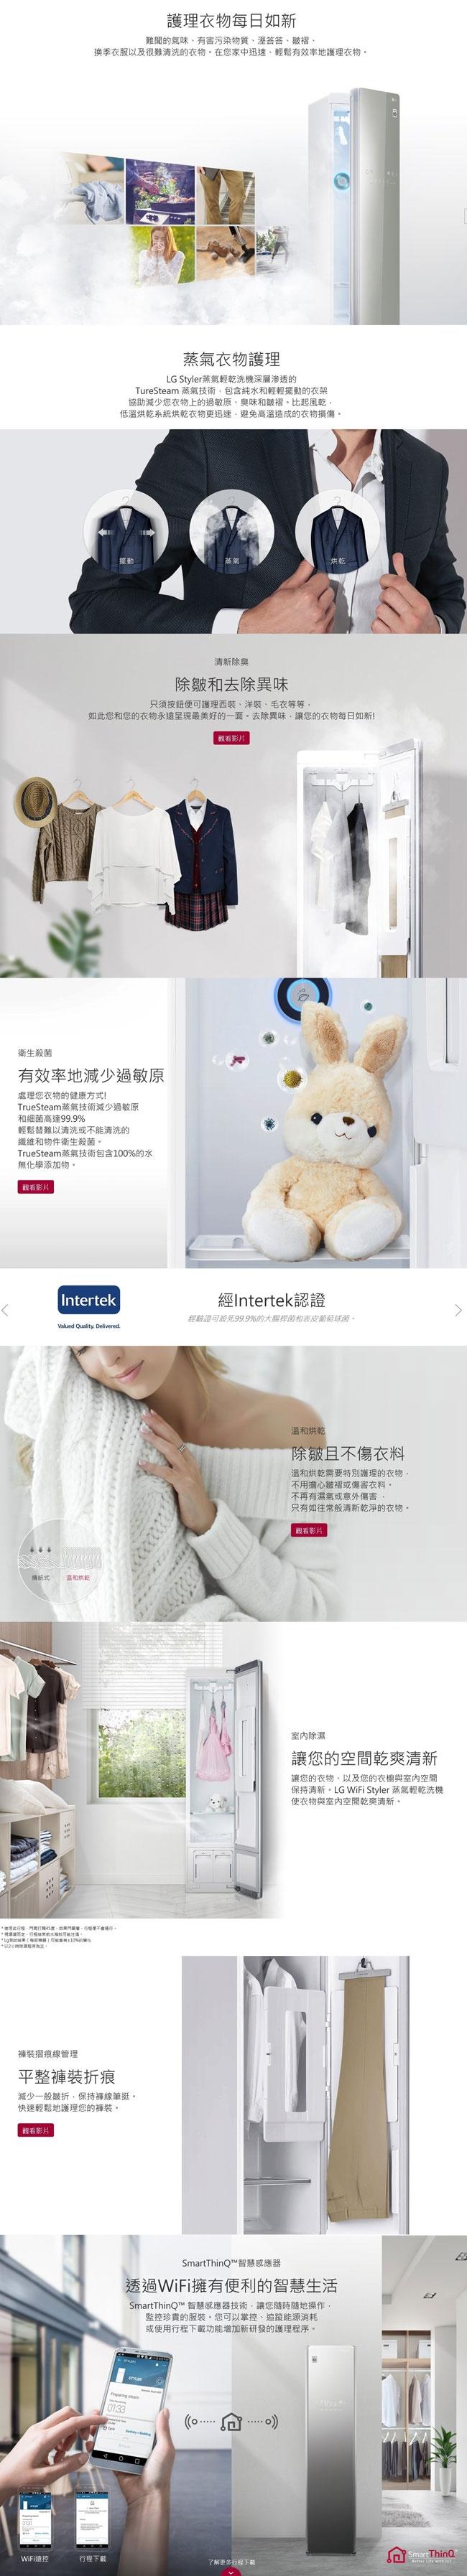 [客訂商品] LG樂金 WiFi Styler 蒸氣輕乾洗機 智慧電子衣櫥 E523MR